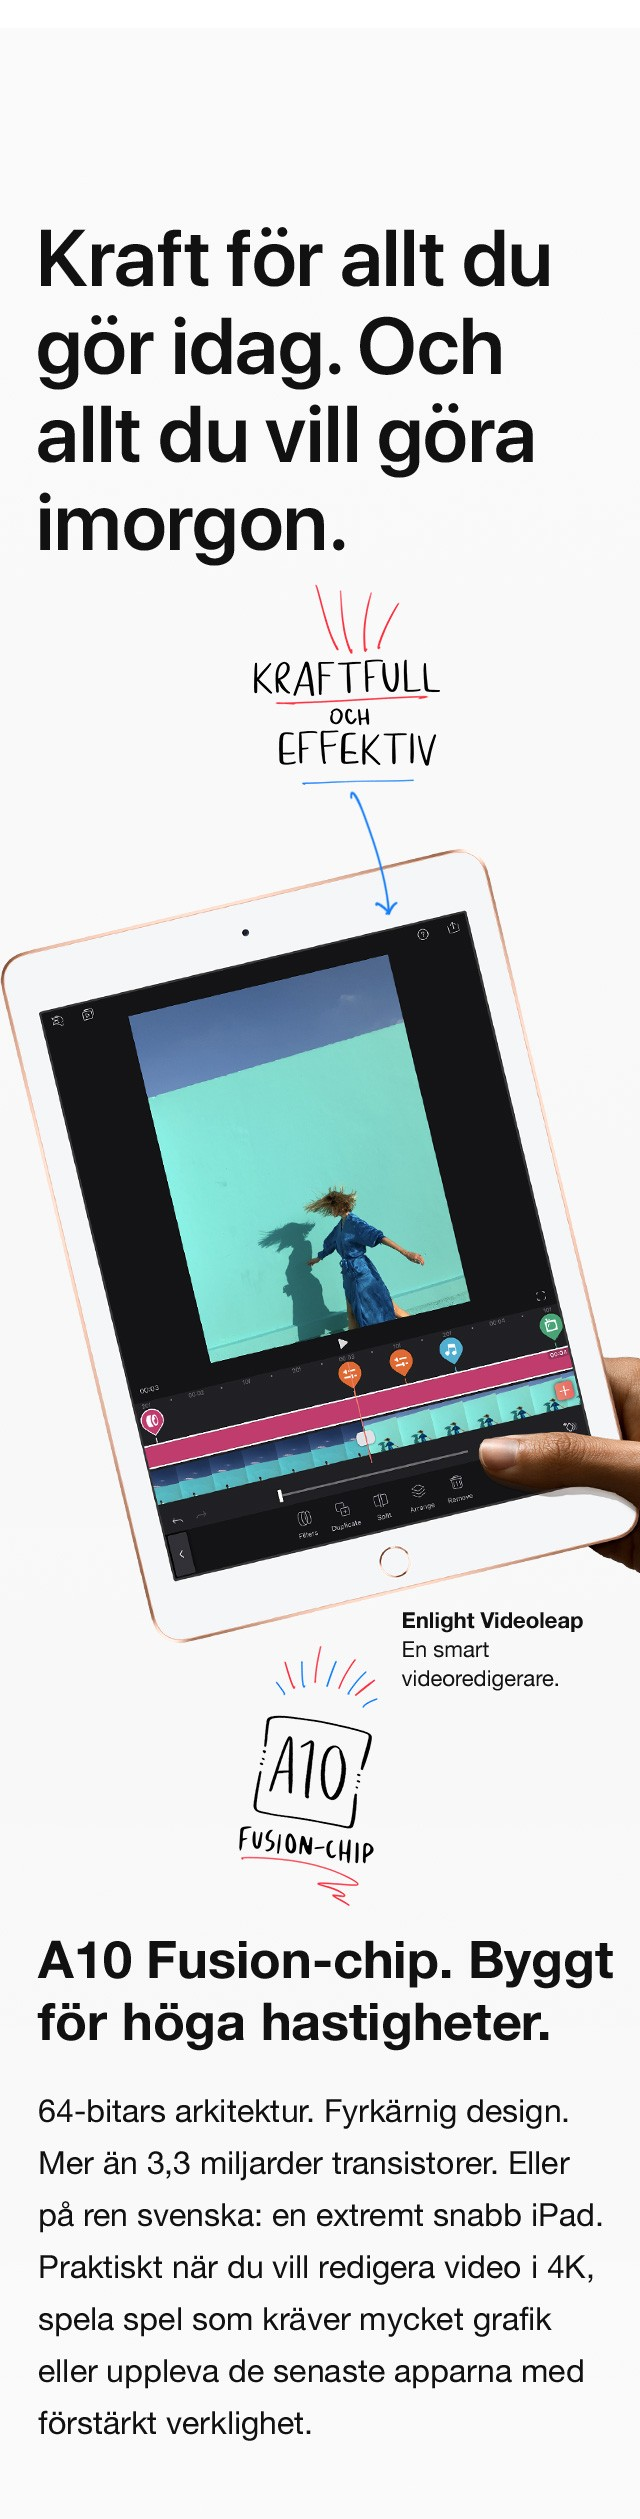 Nya iPad är utrustad med ett kraftigt A10 Fusion-chip med mycket kraft